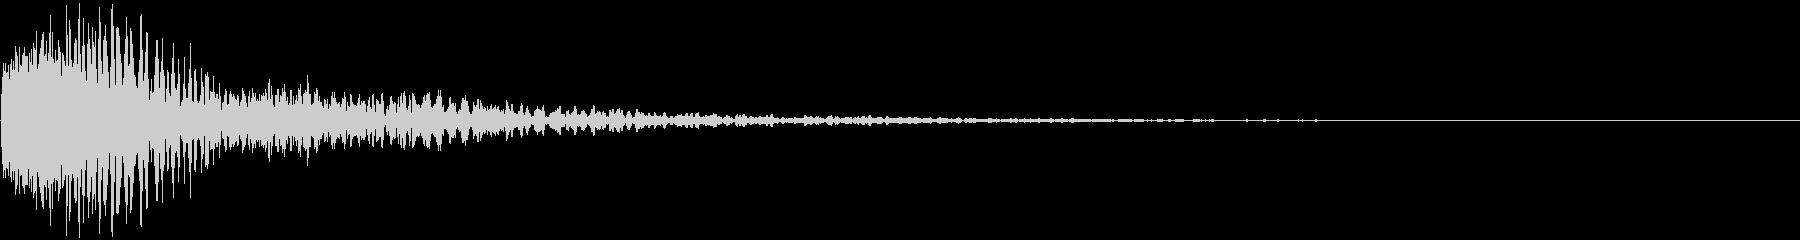 レーザー・電子砲・ビーム・光線銃2の未再生の波形